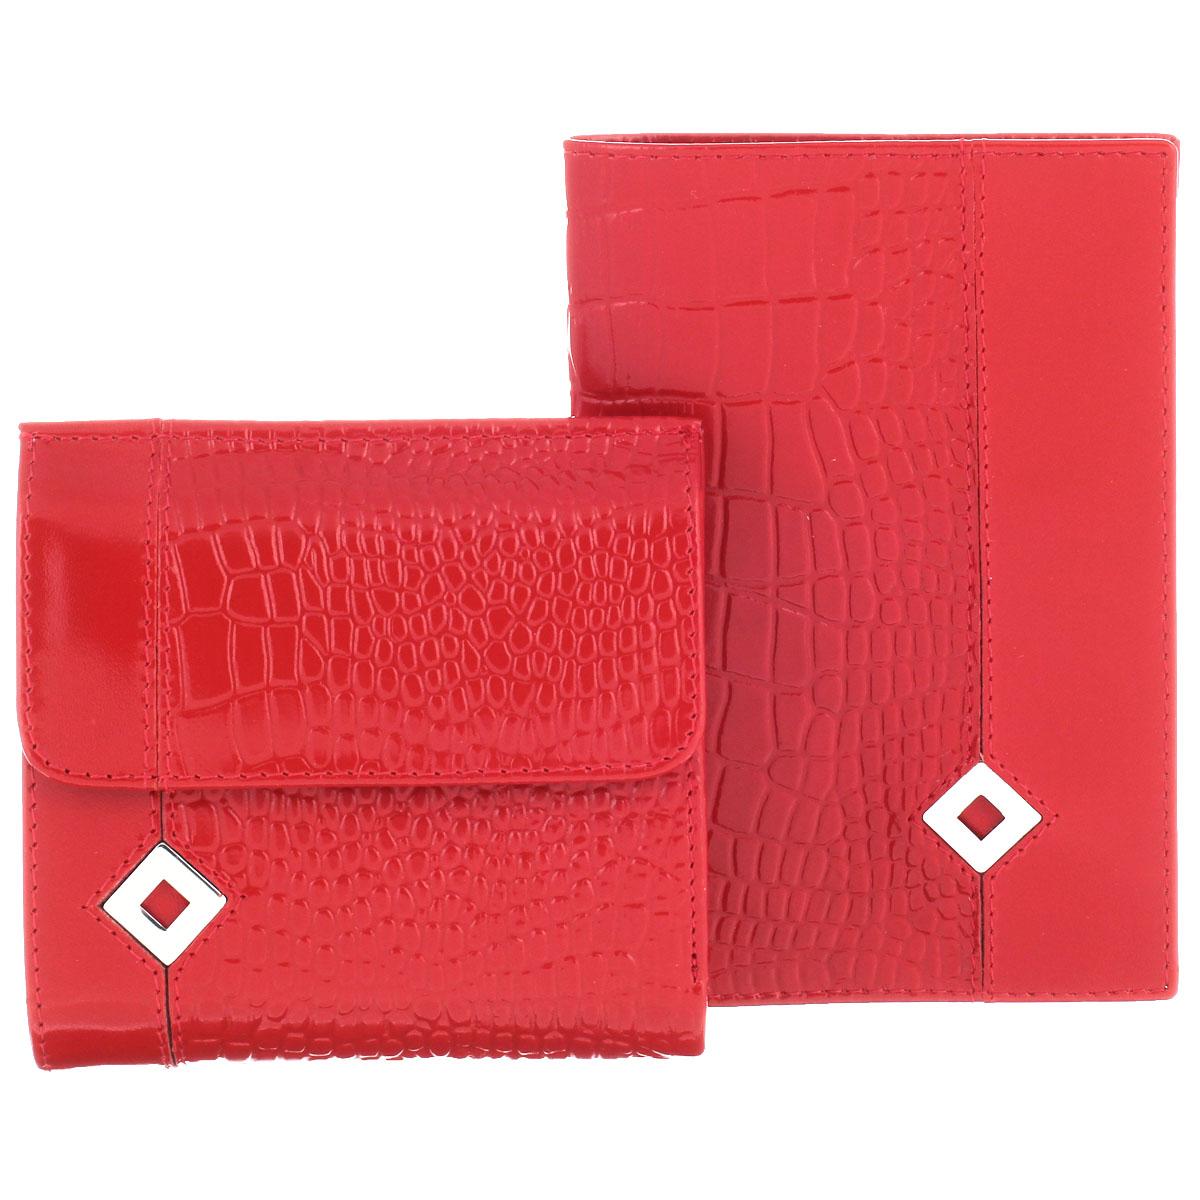 Подарочный набор Dimanche Papillon Rouge: обложка для паспорта, кошелек, цвет: красный. 101/05AQYHA03387-KRP0Изысканный набор Dimanche Papillon Rouge состоит из обложки для паспорта и кошелька. Обе модели изготовлены из высококачественной натуральной кожи и декорированы тиснением под кожу рептилии, а также металлической пластиной в форме ромба на лицевой стороне. Обложка для паспорта с внутренней стороны отделана атласным текстилем. Внутри - два прозрачных боковых кармана из пластика, которые обеспечат надежную фиксацию вашего документа. Кошелек с обеих сторон закрывается хлястиками на кнопки. Внутри - два отделения для купюр, врезной карман на молнии, три боковых кармана (один - с окошком из прозрачного пластика) и три прорези (одна предназначена для SIM-карты). Лицевая сторона изделия дополнена отсеком для мелочи.Набор упакован в стильные фирменные коробки. Роскошный набор Dimanche Papillon Rouge  подчеркнет вашу индивидуальность и безупречный вкус, а также станет замечательным подарком человеку, ценящему качественные и практичные вещи.